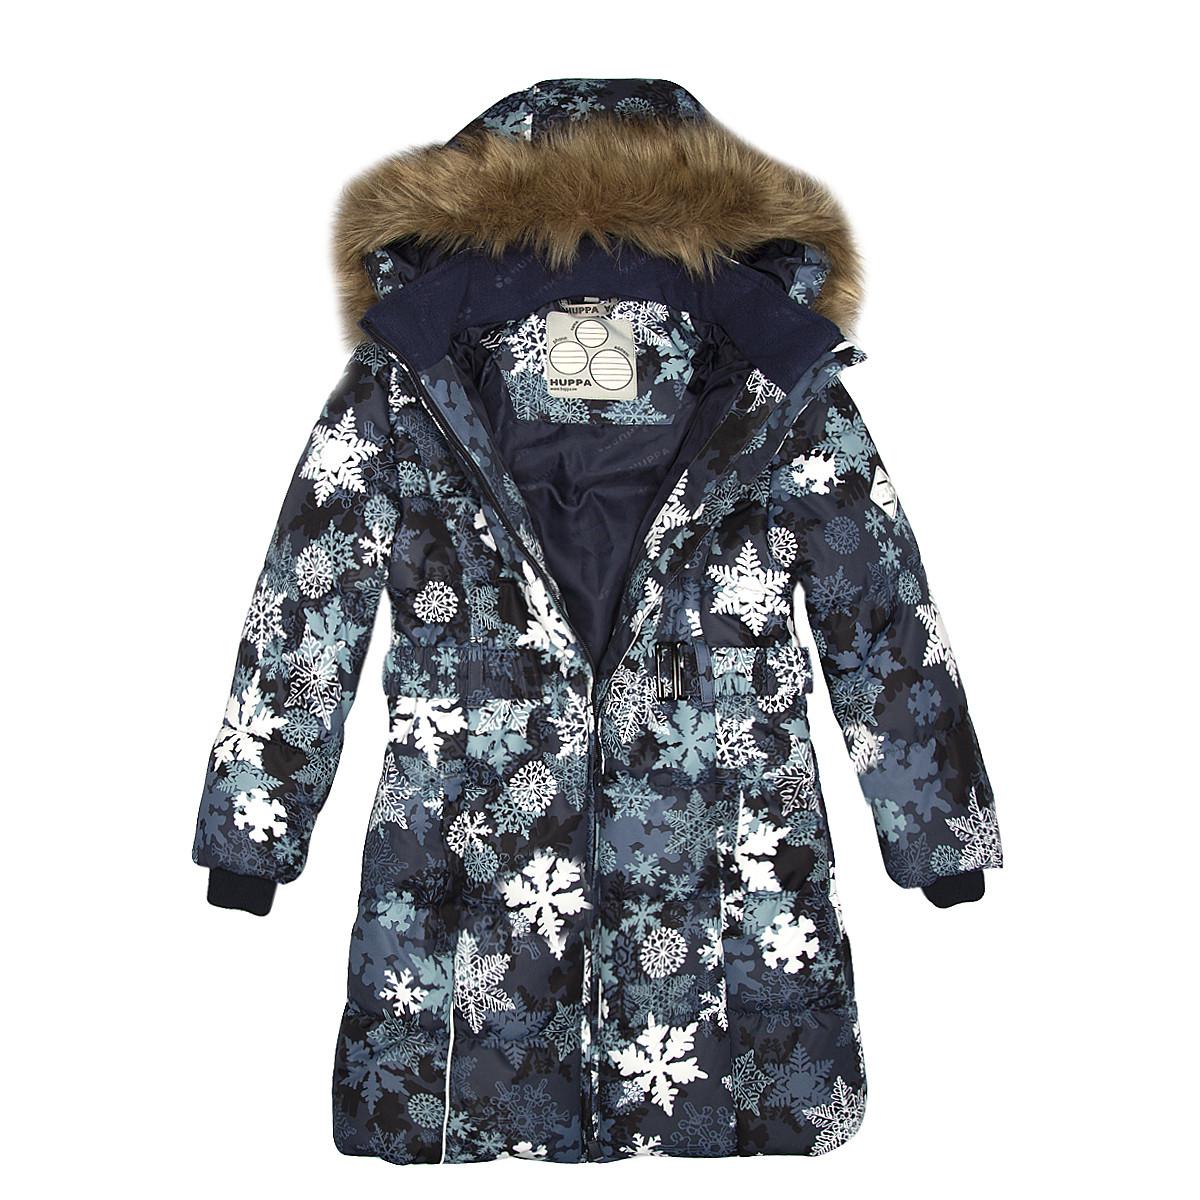 Пальто для девочек Huppa YACARANDA, тёмно-синий с принтом -116 - фото 4